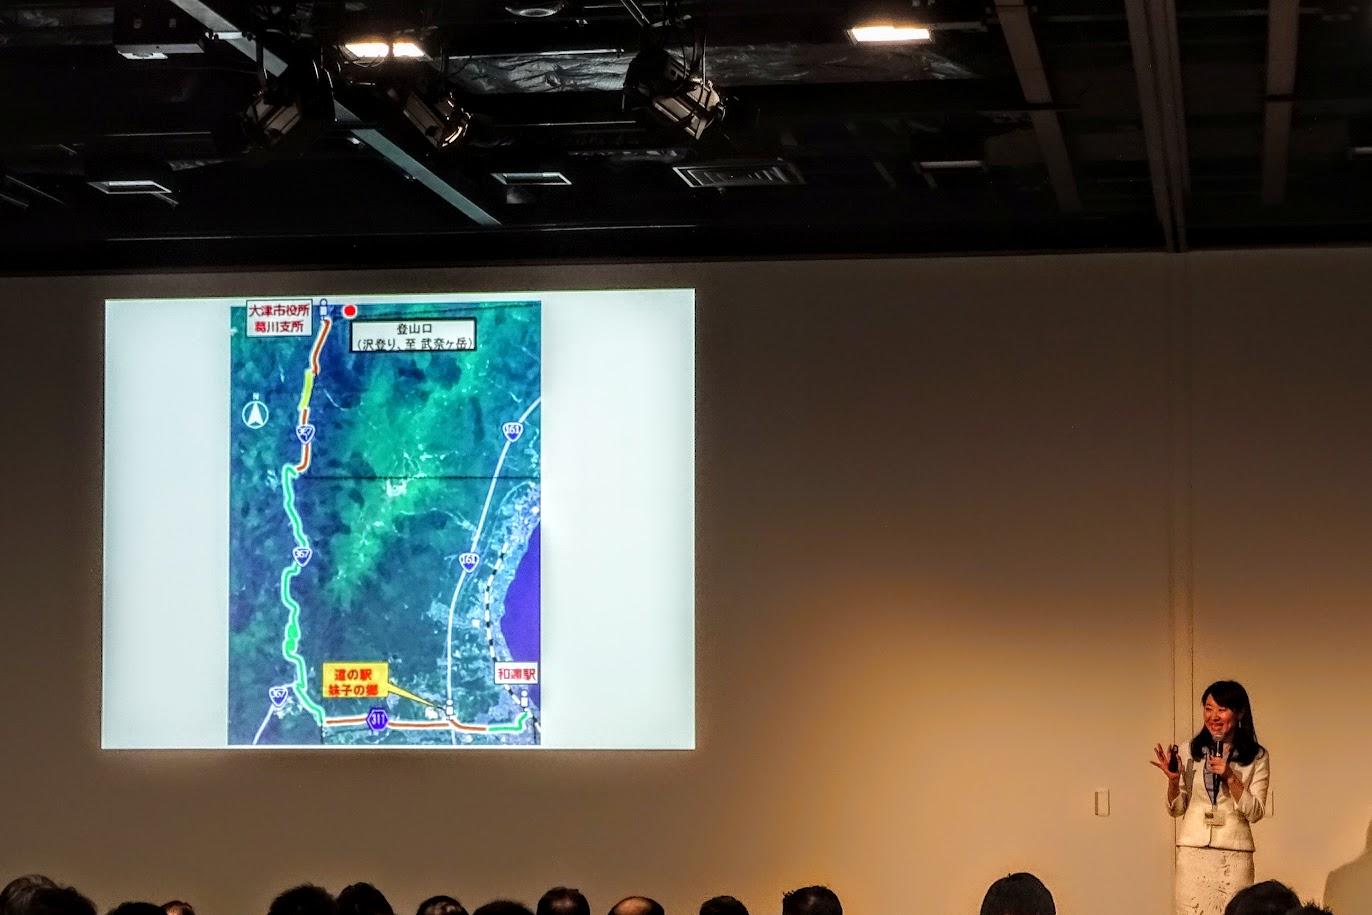 大津市、市内バスの自動運転と比叡山へのケーブルカーをつなぐMaaSに取り組む―スマートモビリティチャレンジシンポジウムレポート1